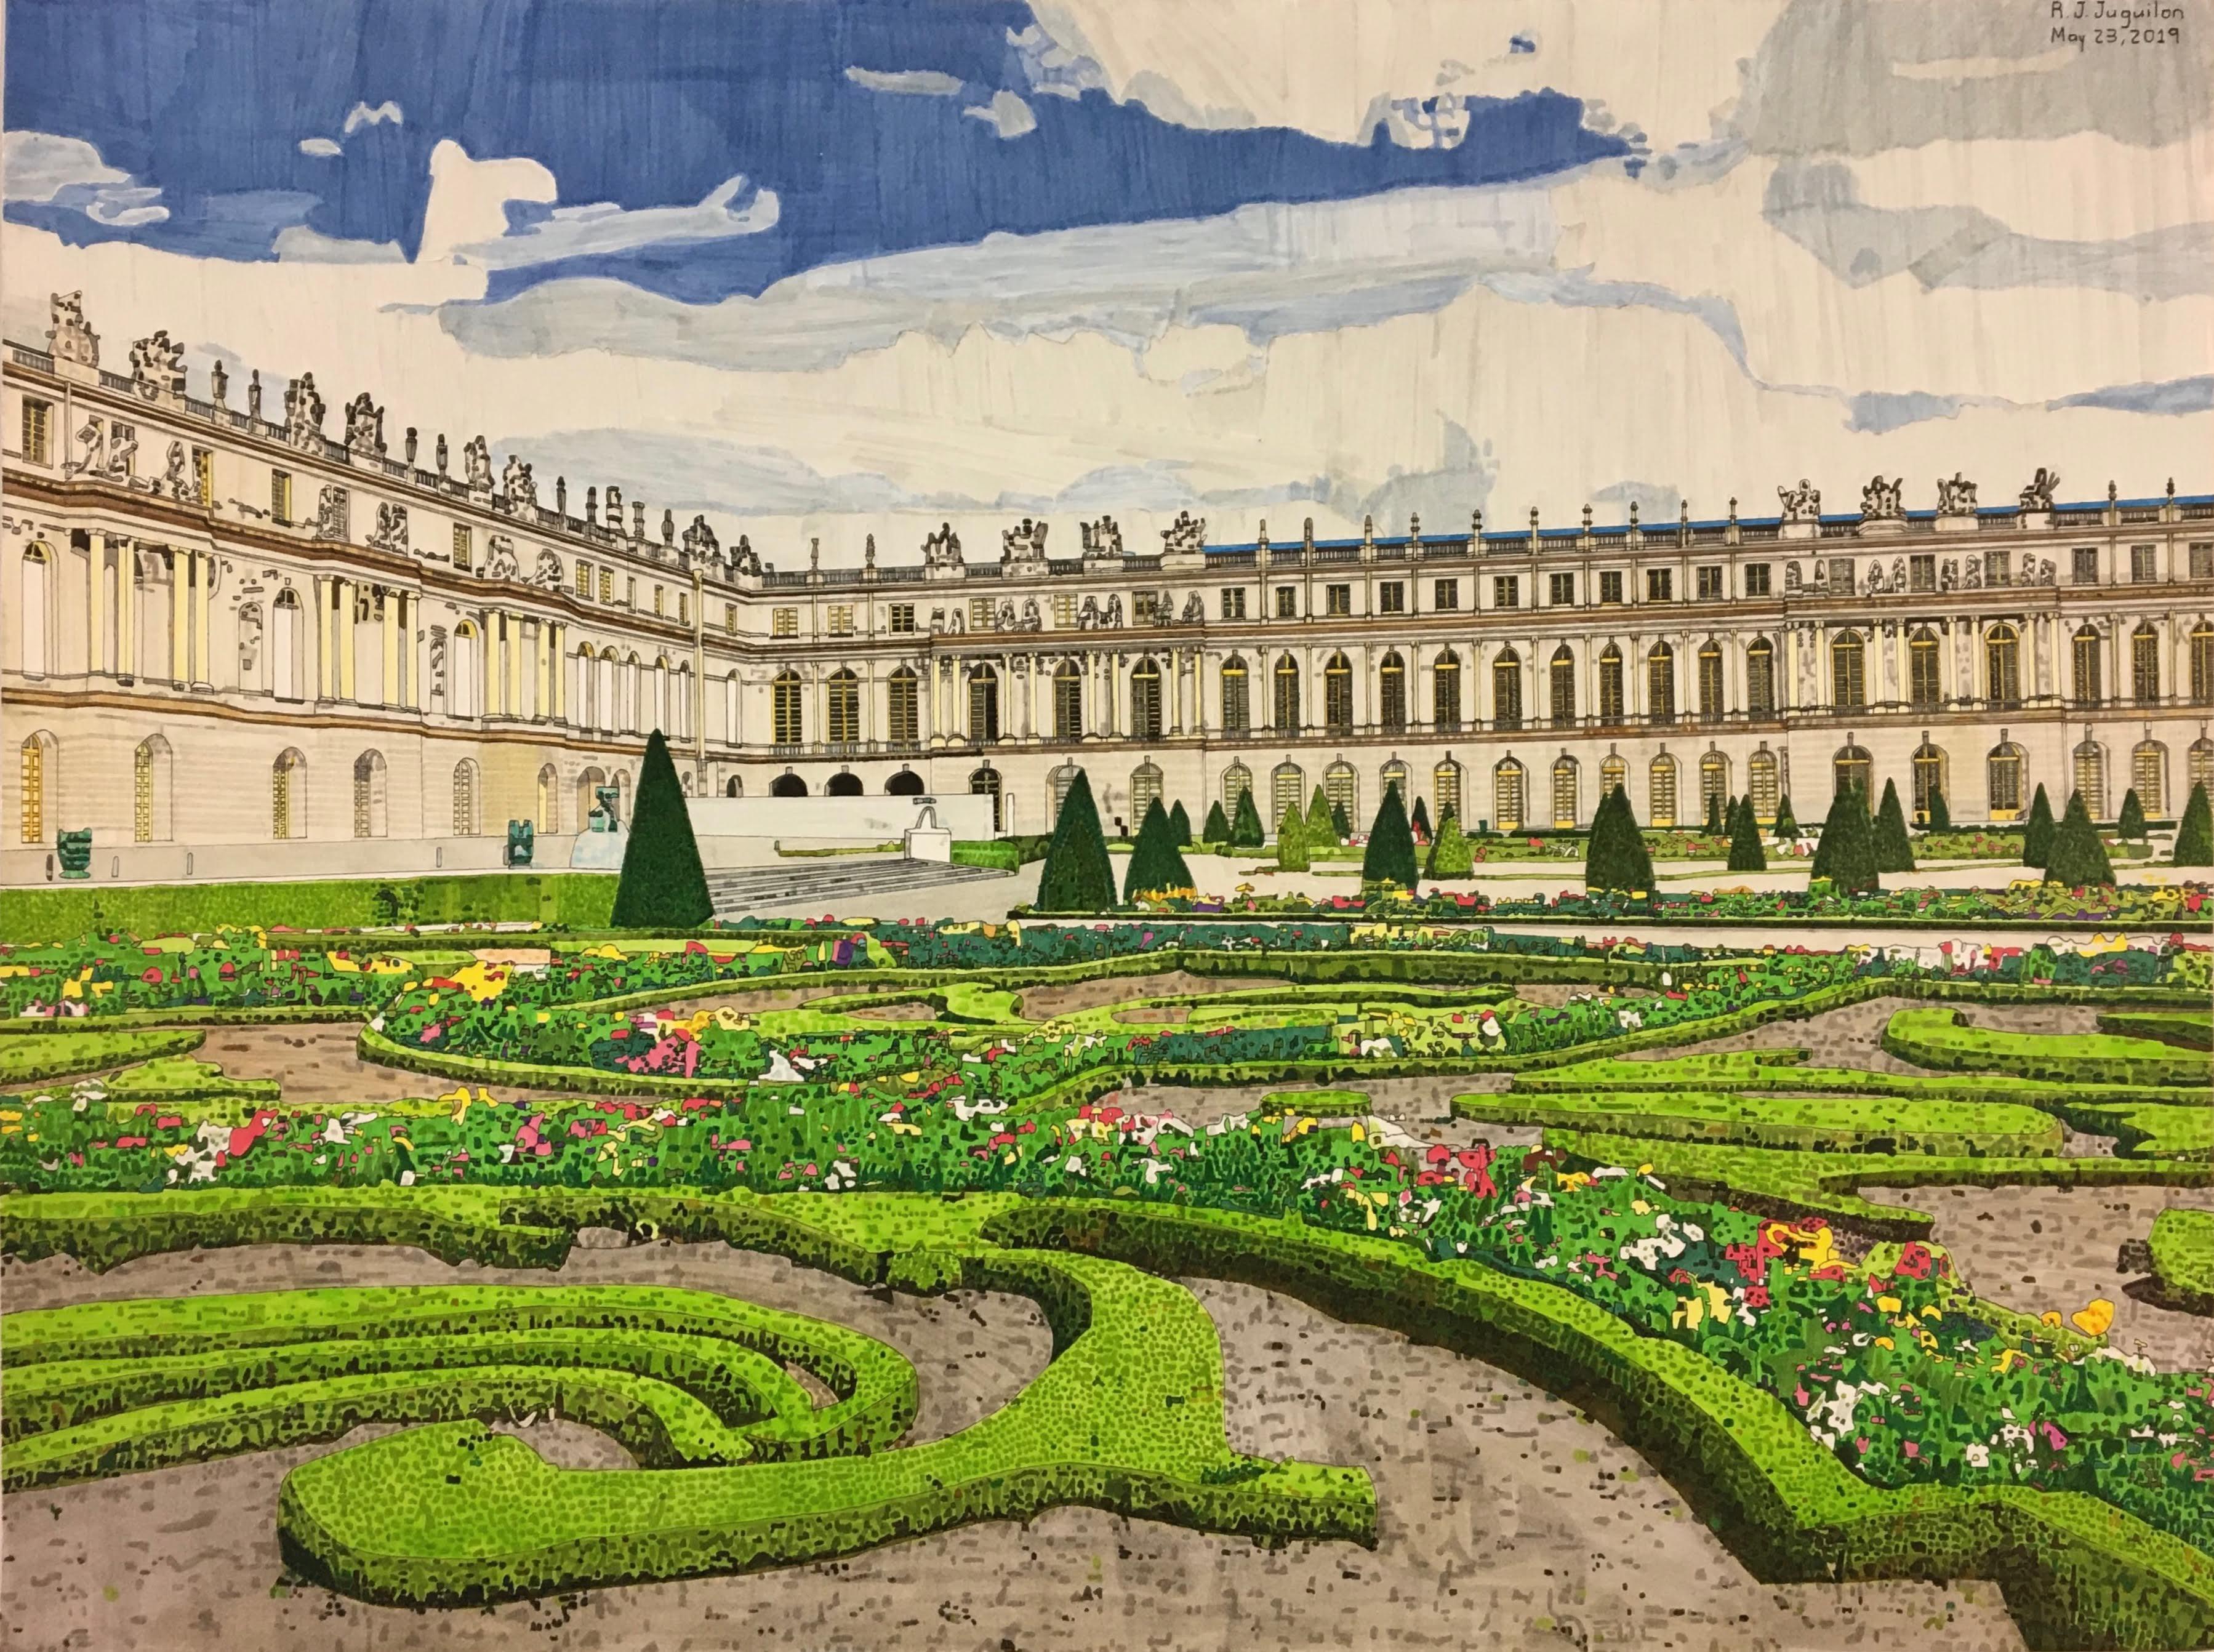 """""""Palace of Versailles"""" by R. J. Juguilon"""